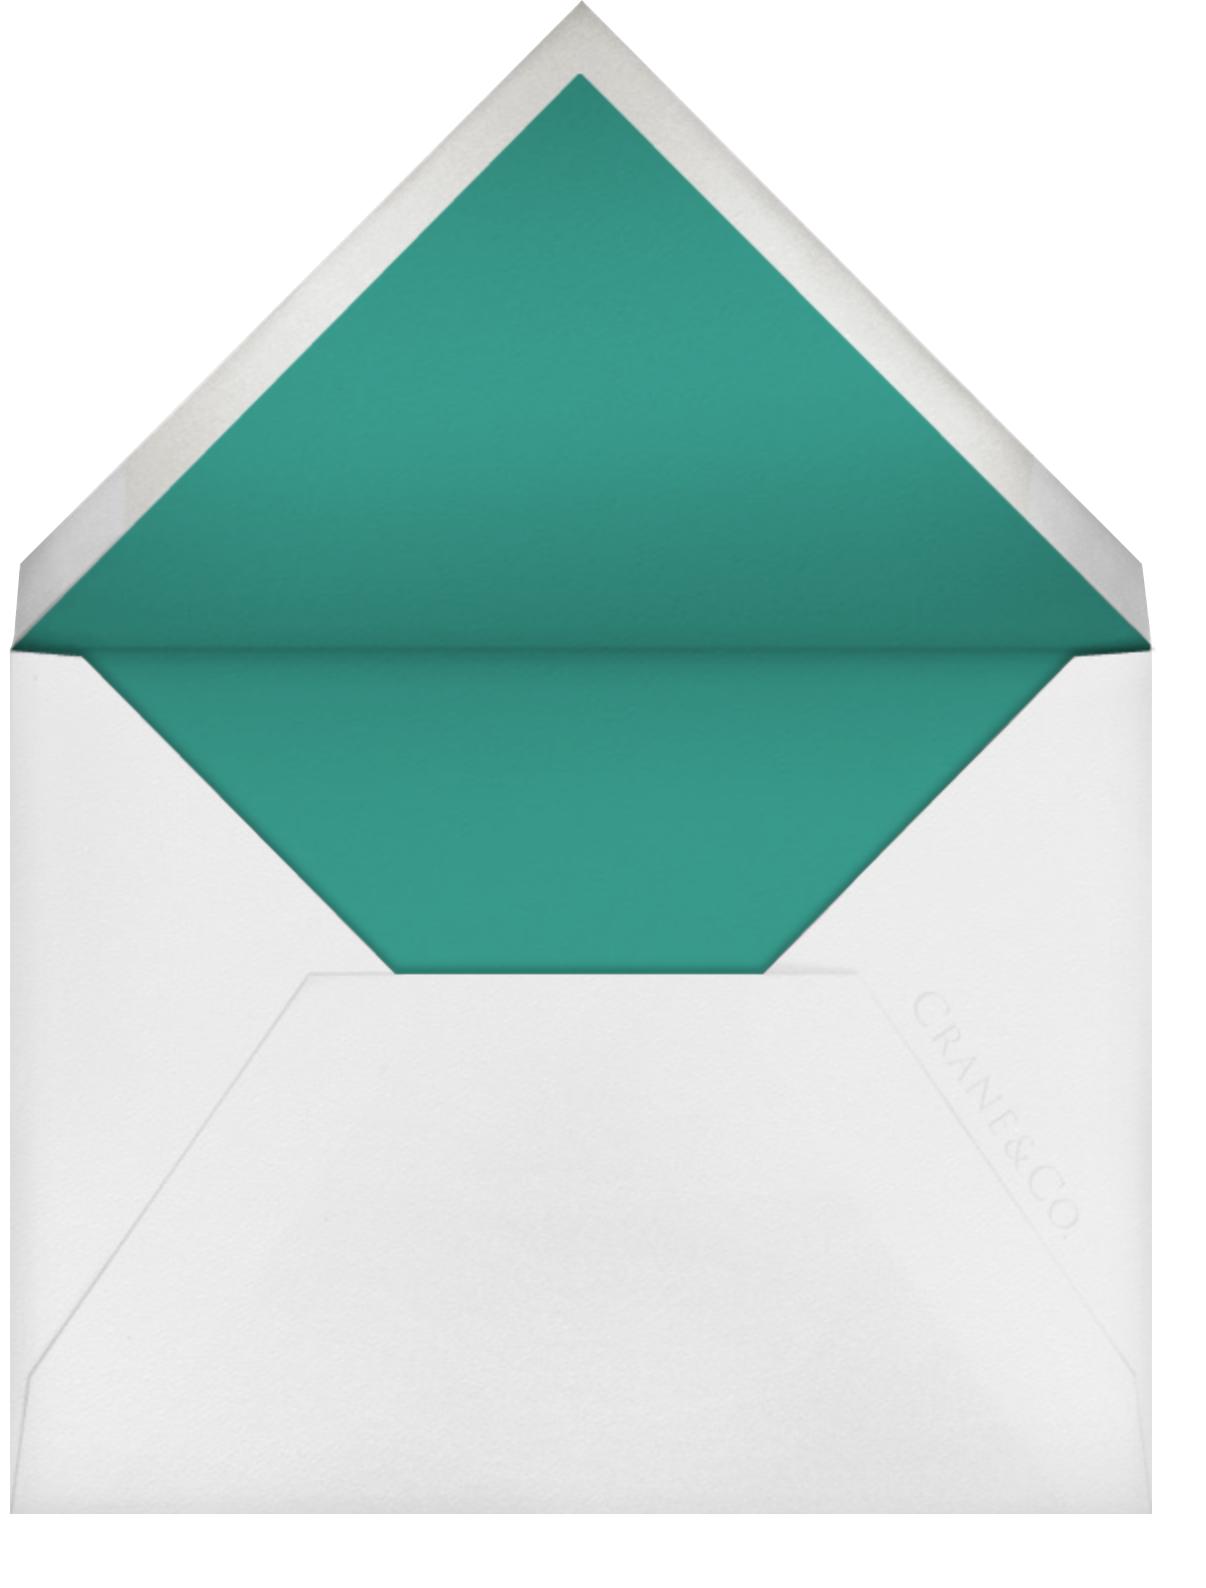 Picot I - Paperless Post - null - envelope back